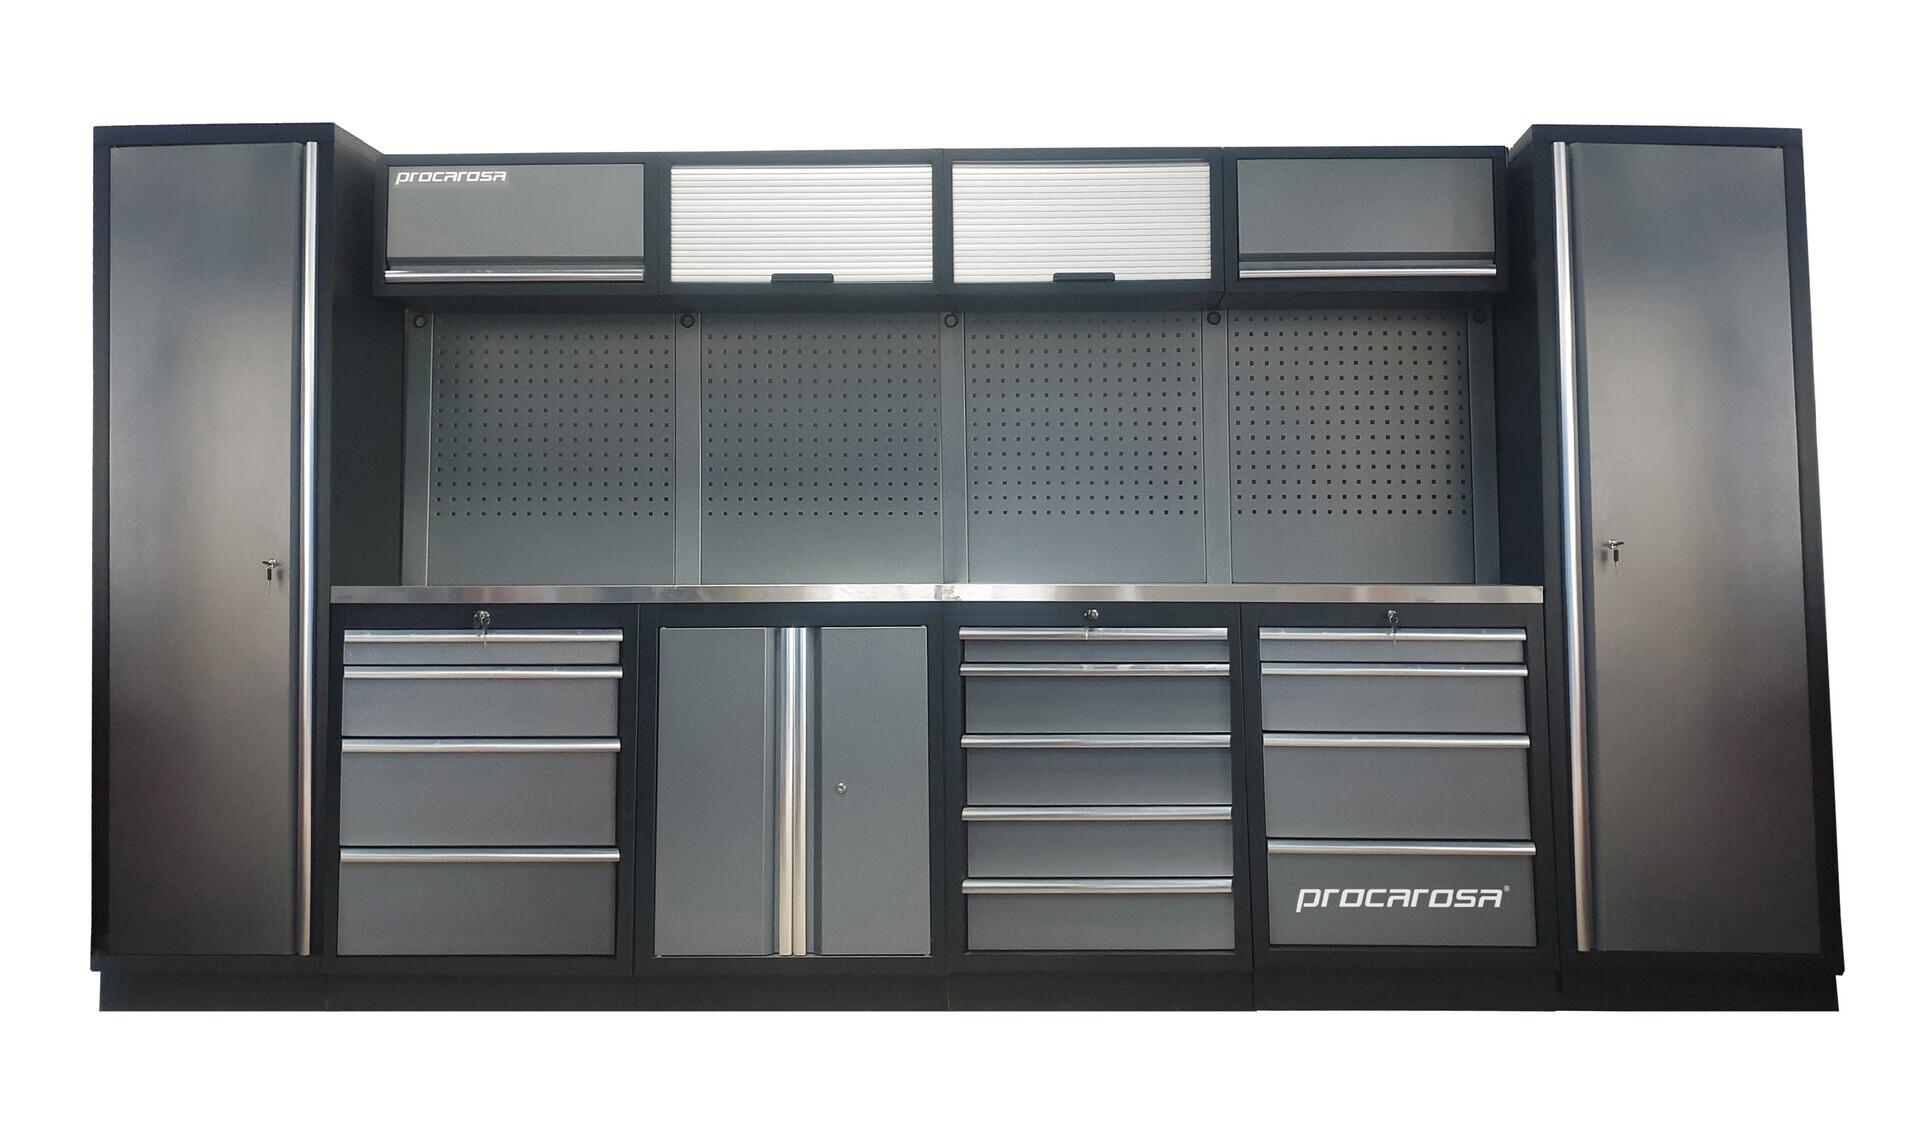 Sestava dílenského nábytku Procarosa PROFESSIONAL L-4 Pracovní deska: nerezová, Hmotnost: